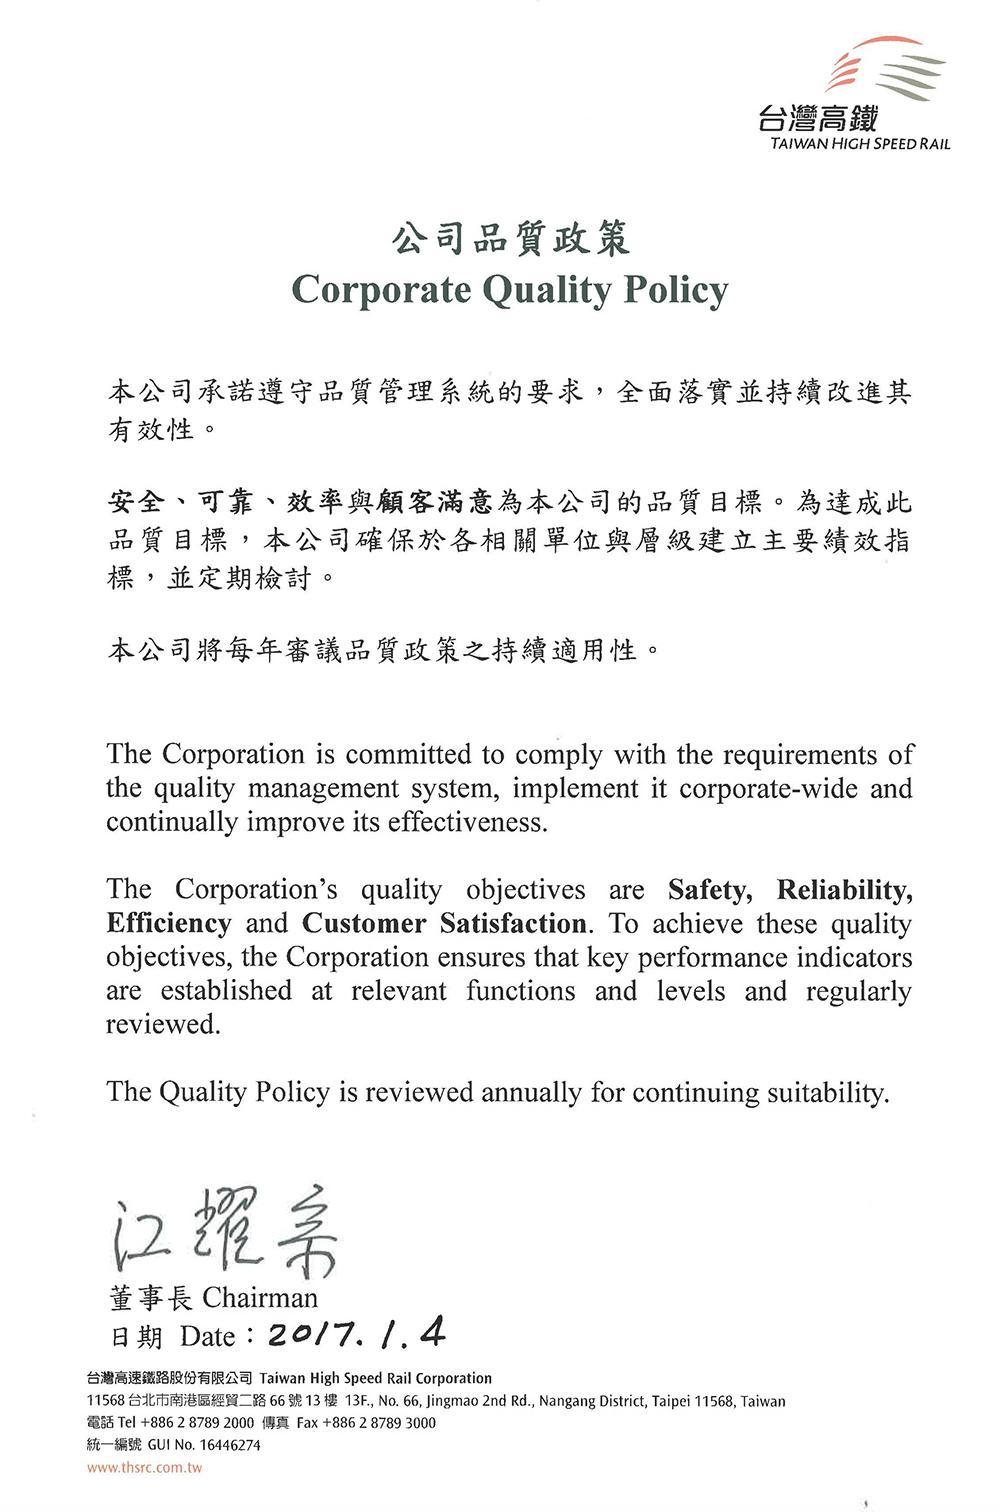 公司品質政策